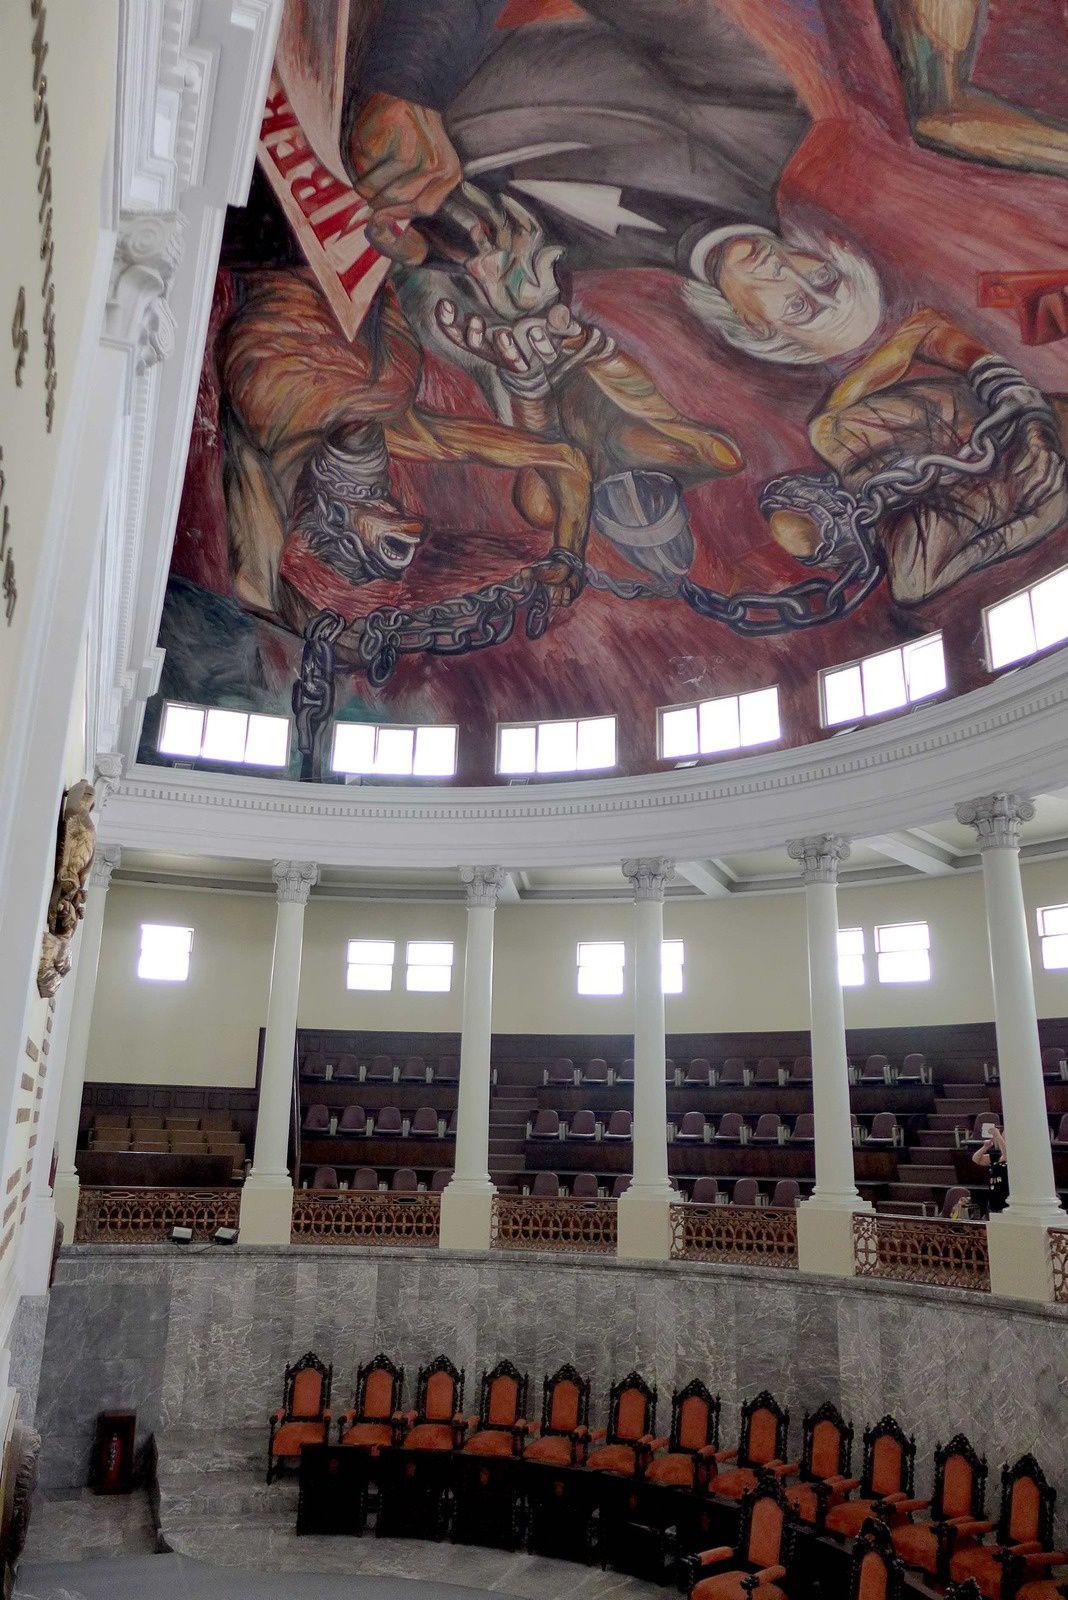 Guadalajara est la capitale de l'État de Jalisco, et possède donc son gouvernement : Le Palacio de Gobierno, qui abrite des services de l'état, fut achevé en 1774. Ouvert au public, l'édifice vaut le détour, essentiellement pour ses deux impressionnantes fresques murales réalisées par l'artiste local José Clemente Orozco (1883-1949). La plus frappante, un portrait datant de 1937, domine un escalier intérieur.